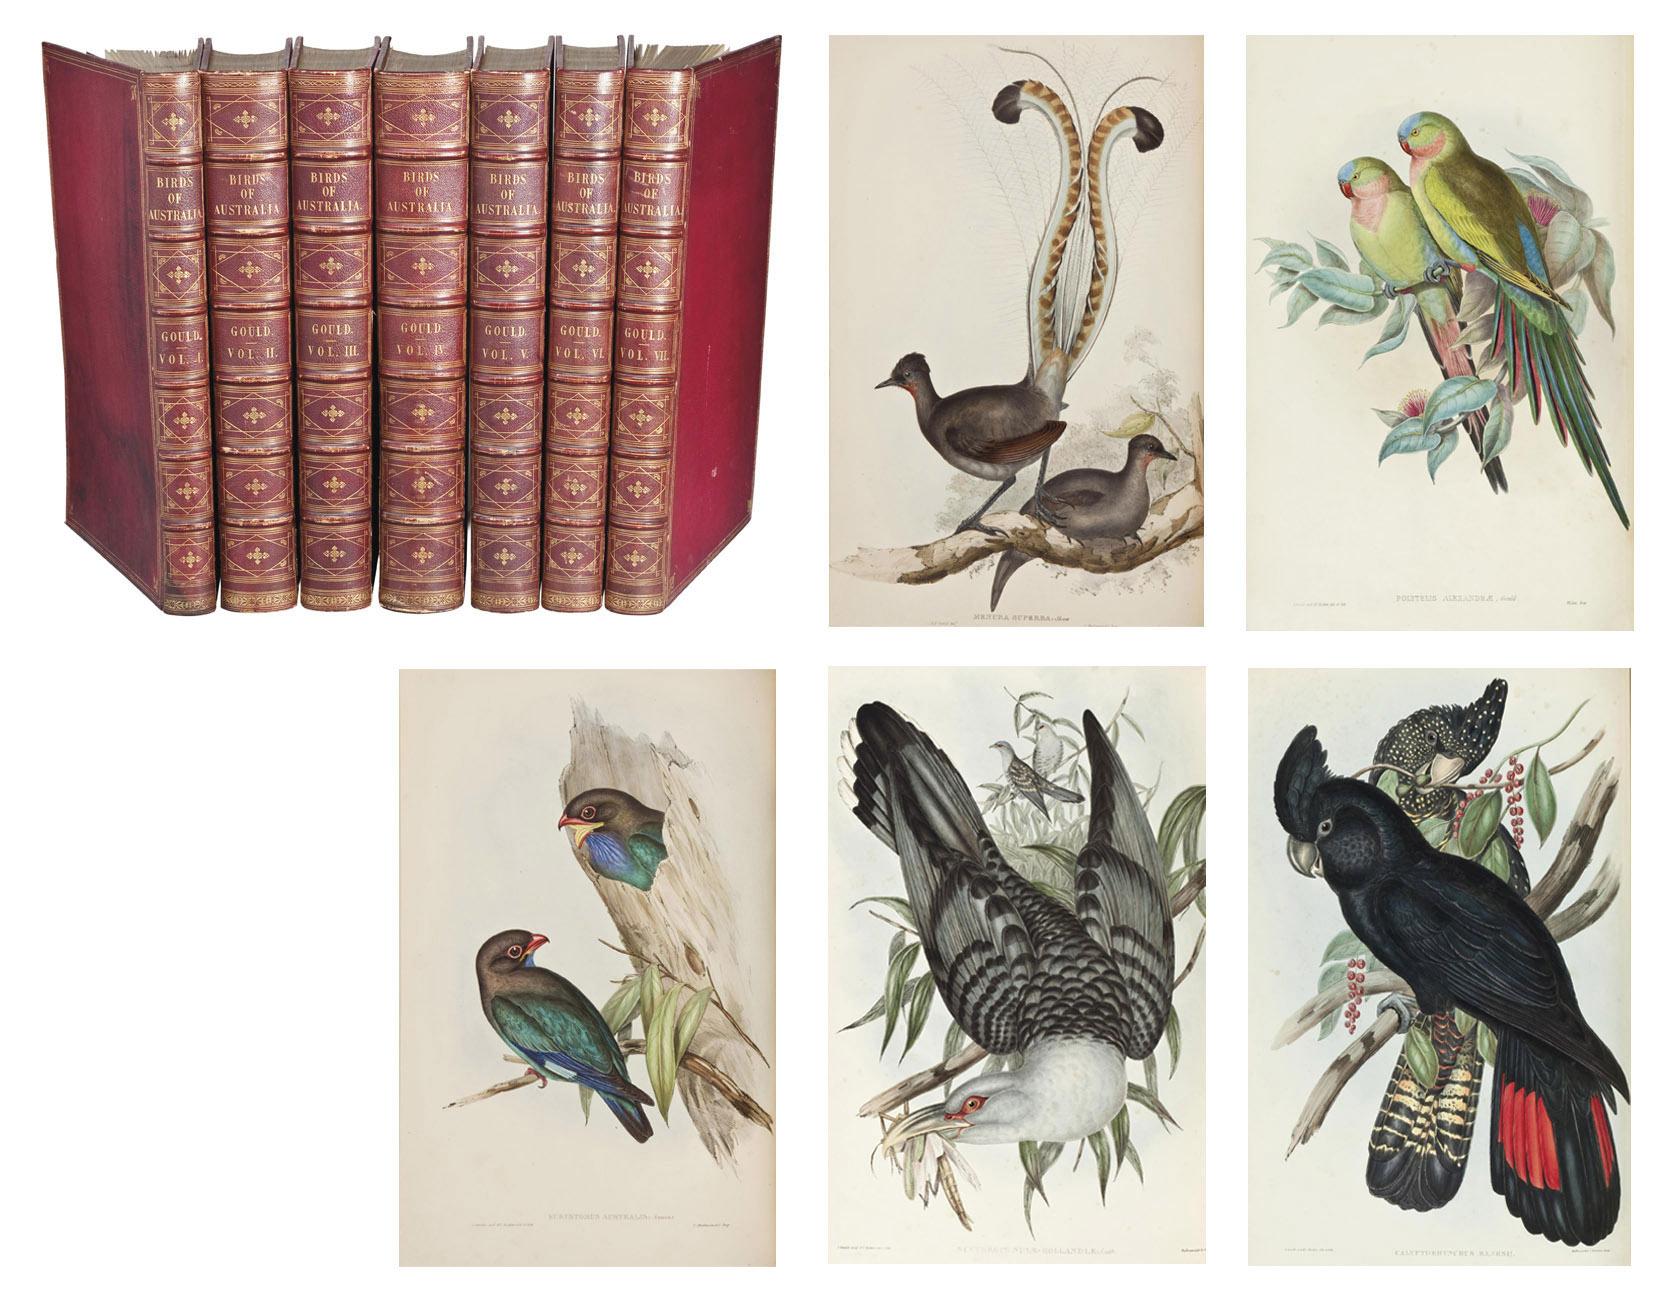 GOULD, John (1804-1881). The Birds of Australia. Londres:  Richard et John E. Taylor pour l'auteur, [1840]-1848-1869.